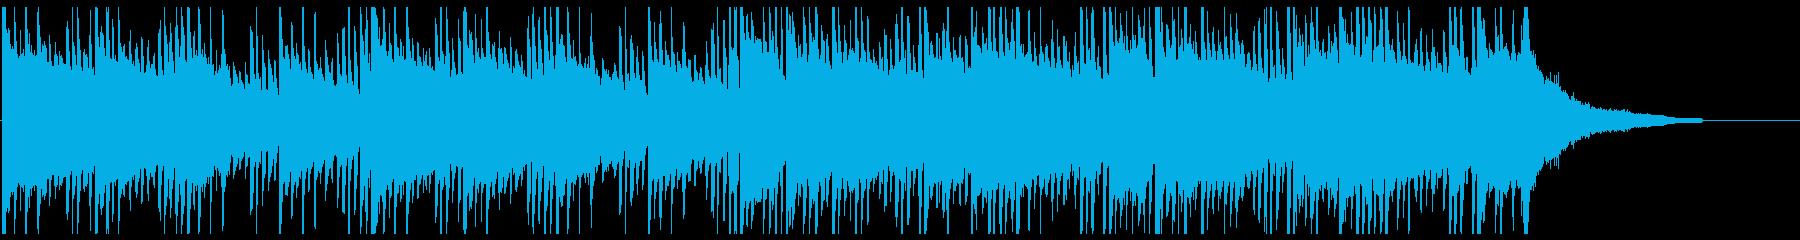 透明感 シンプル エレクトロ ループ系の再生済みの波形